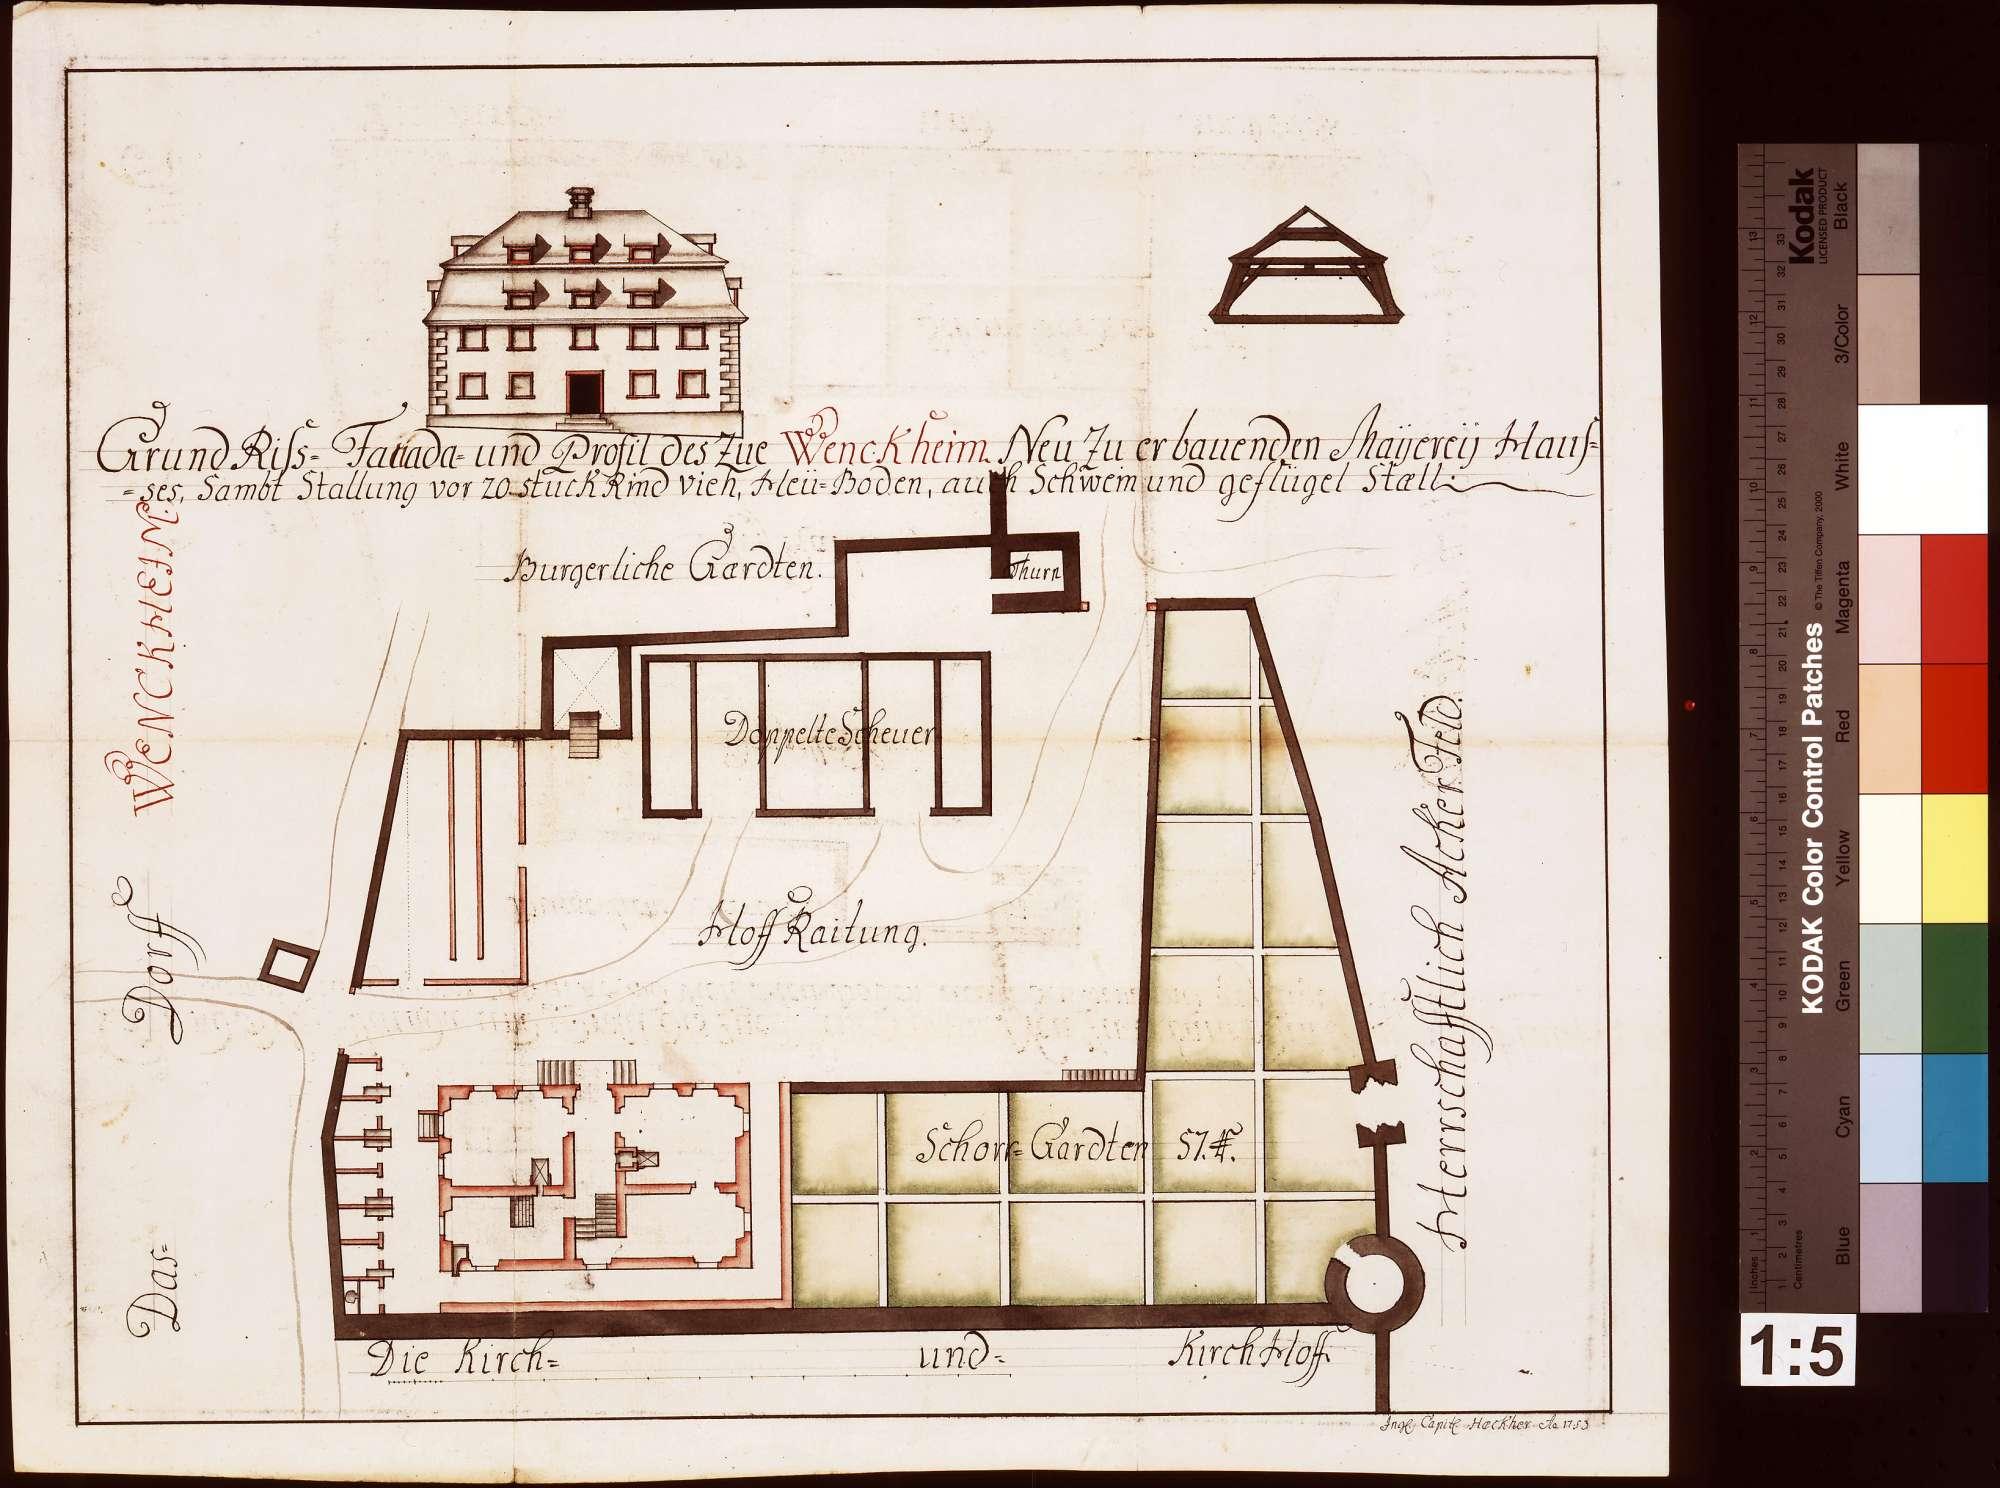 Zu Wenkheim neuzuerbauendes Meiereihaus samt Stallung für 20 Stück Vieh, Heuboden und Schweine- mit Geflügelstall, Bild 1